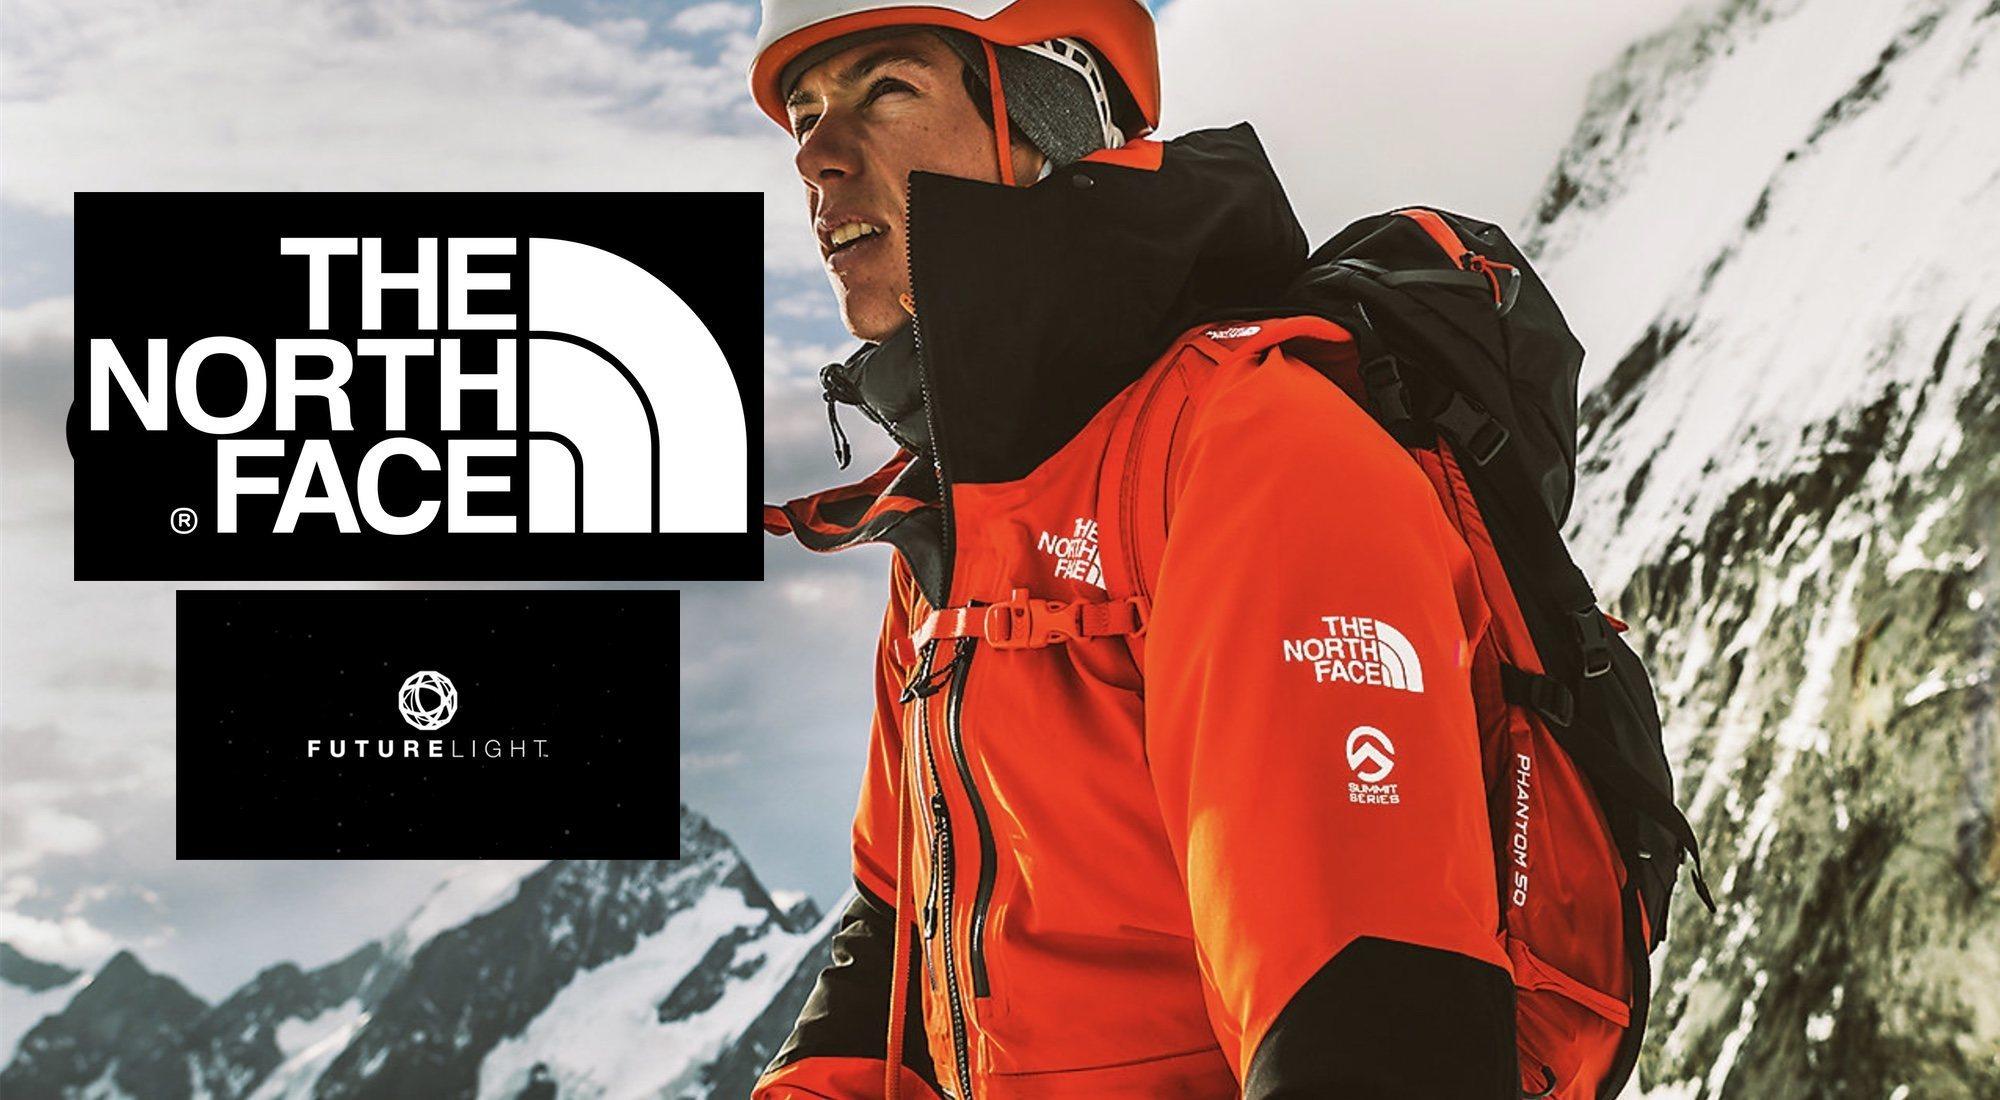 Prepárate para entrenar en invierno con la colección exclusiva de The North Face con tecnología FUTURELIGHT